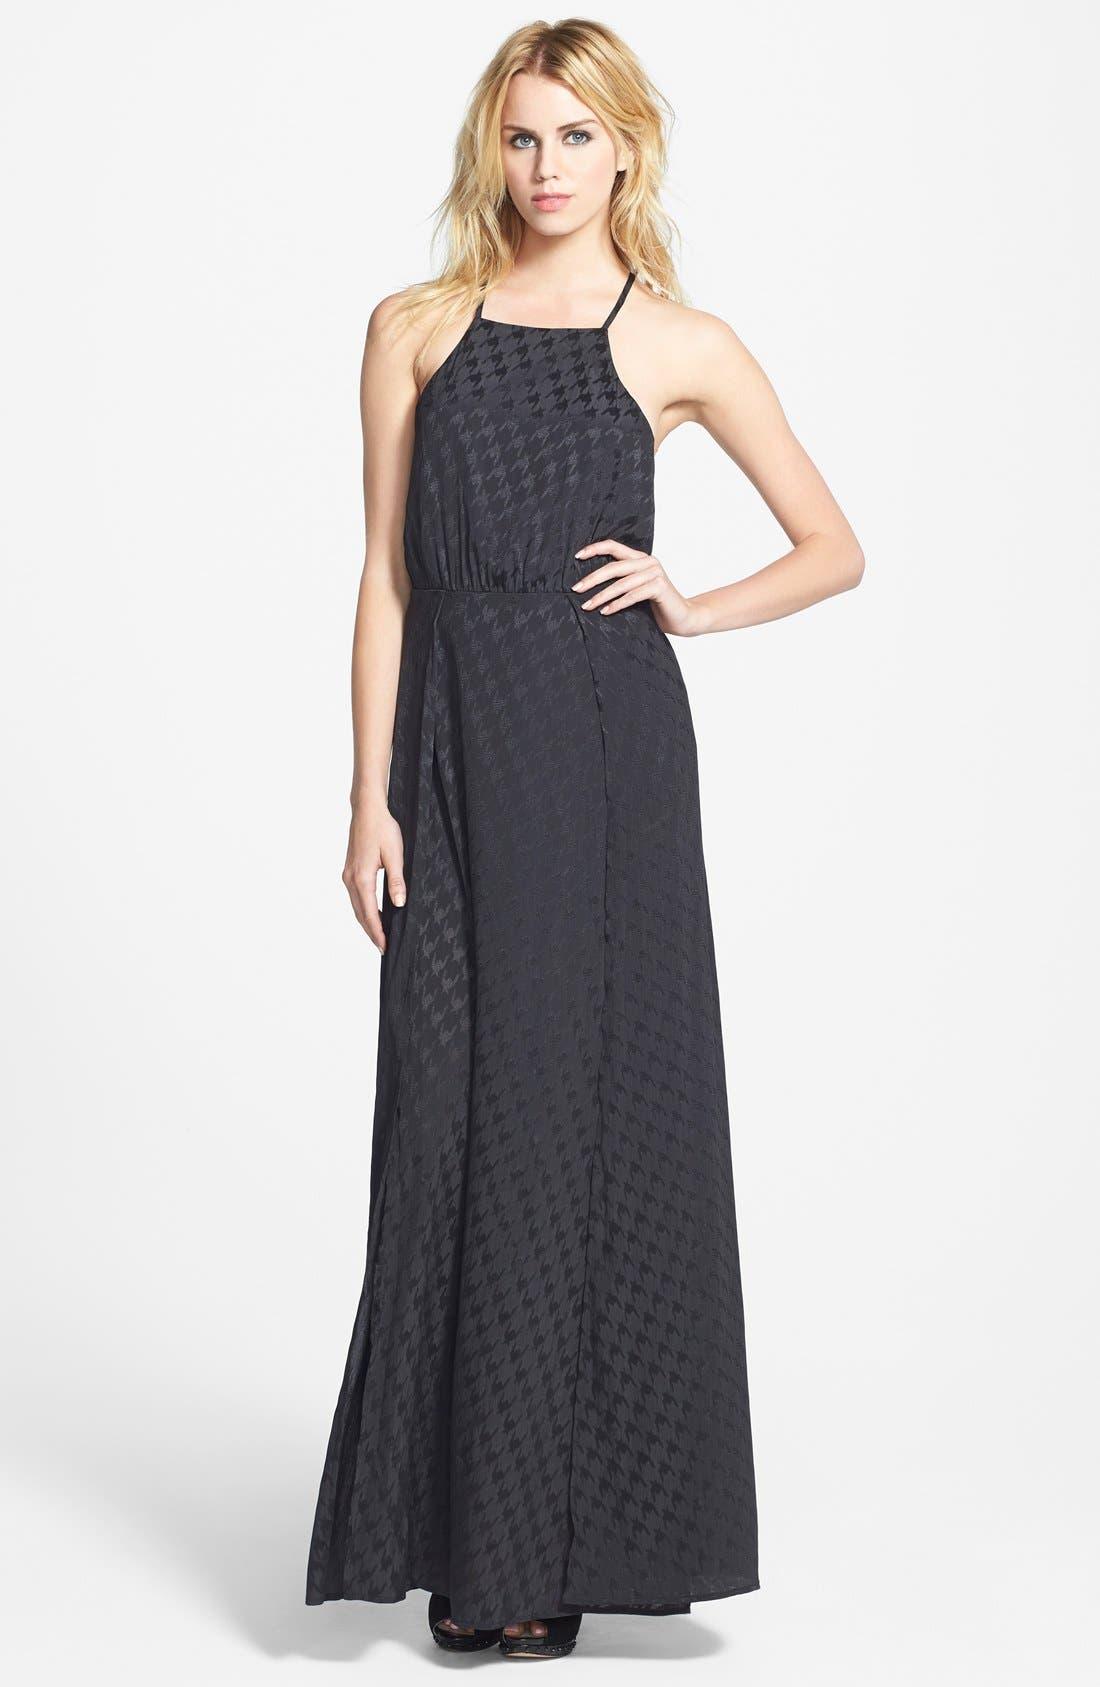 ASTR Jacquard Houndstooth Maxi Dress, Main, color, 001